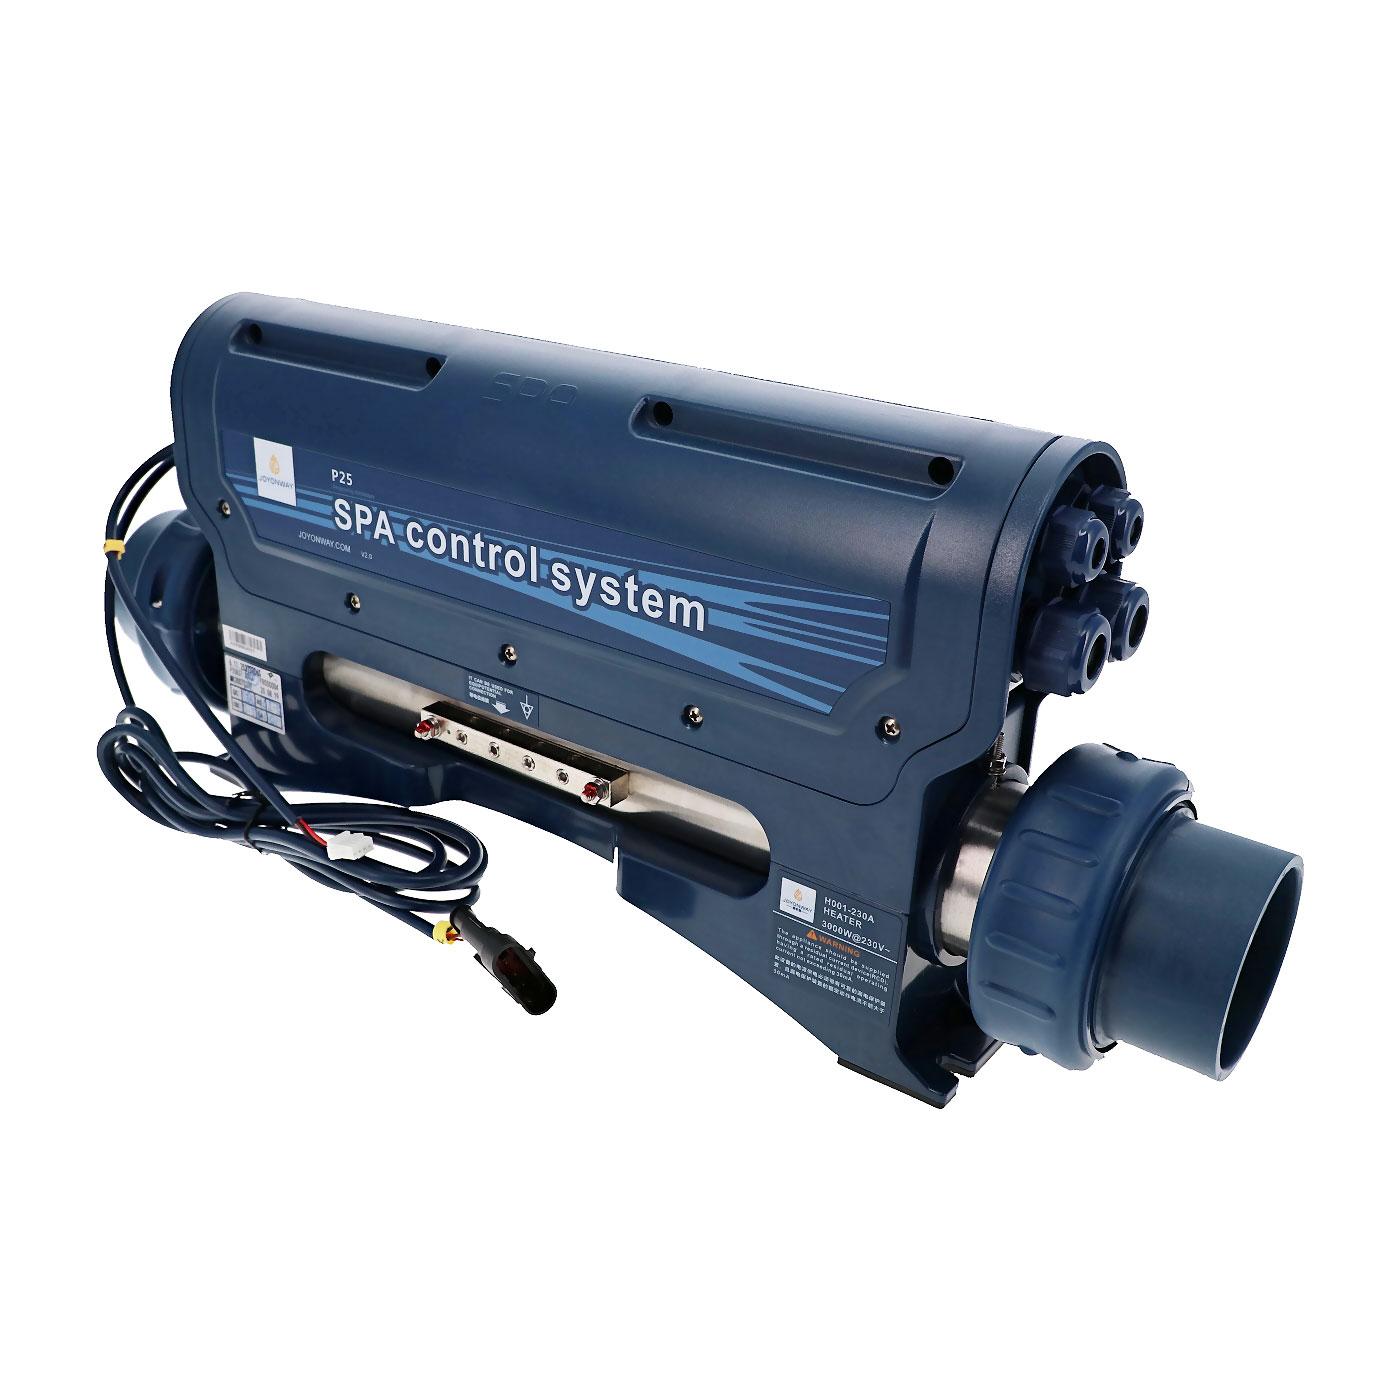 Boitier de contrôle P25B37 avec réchauffeur pour spa